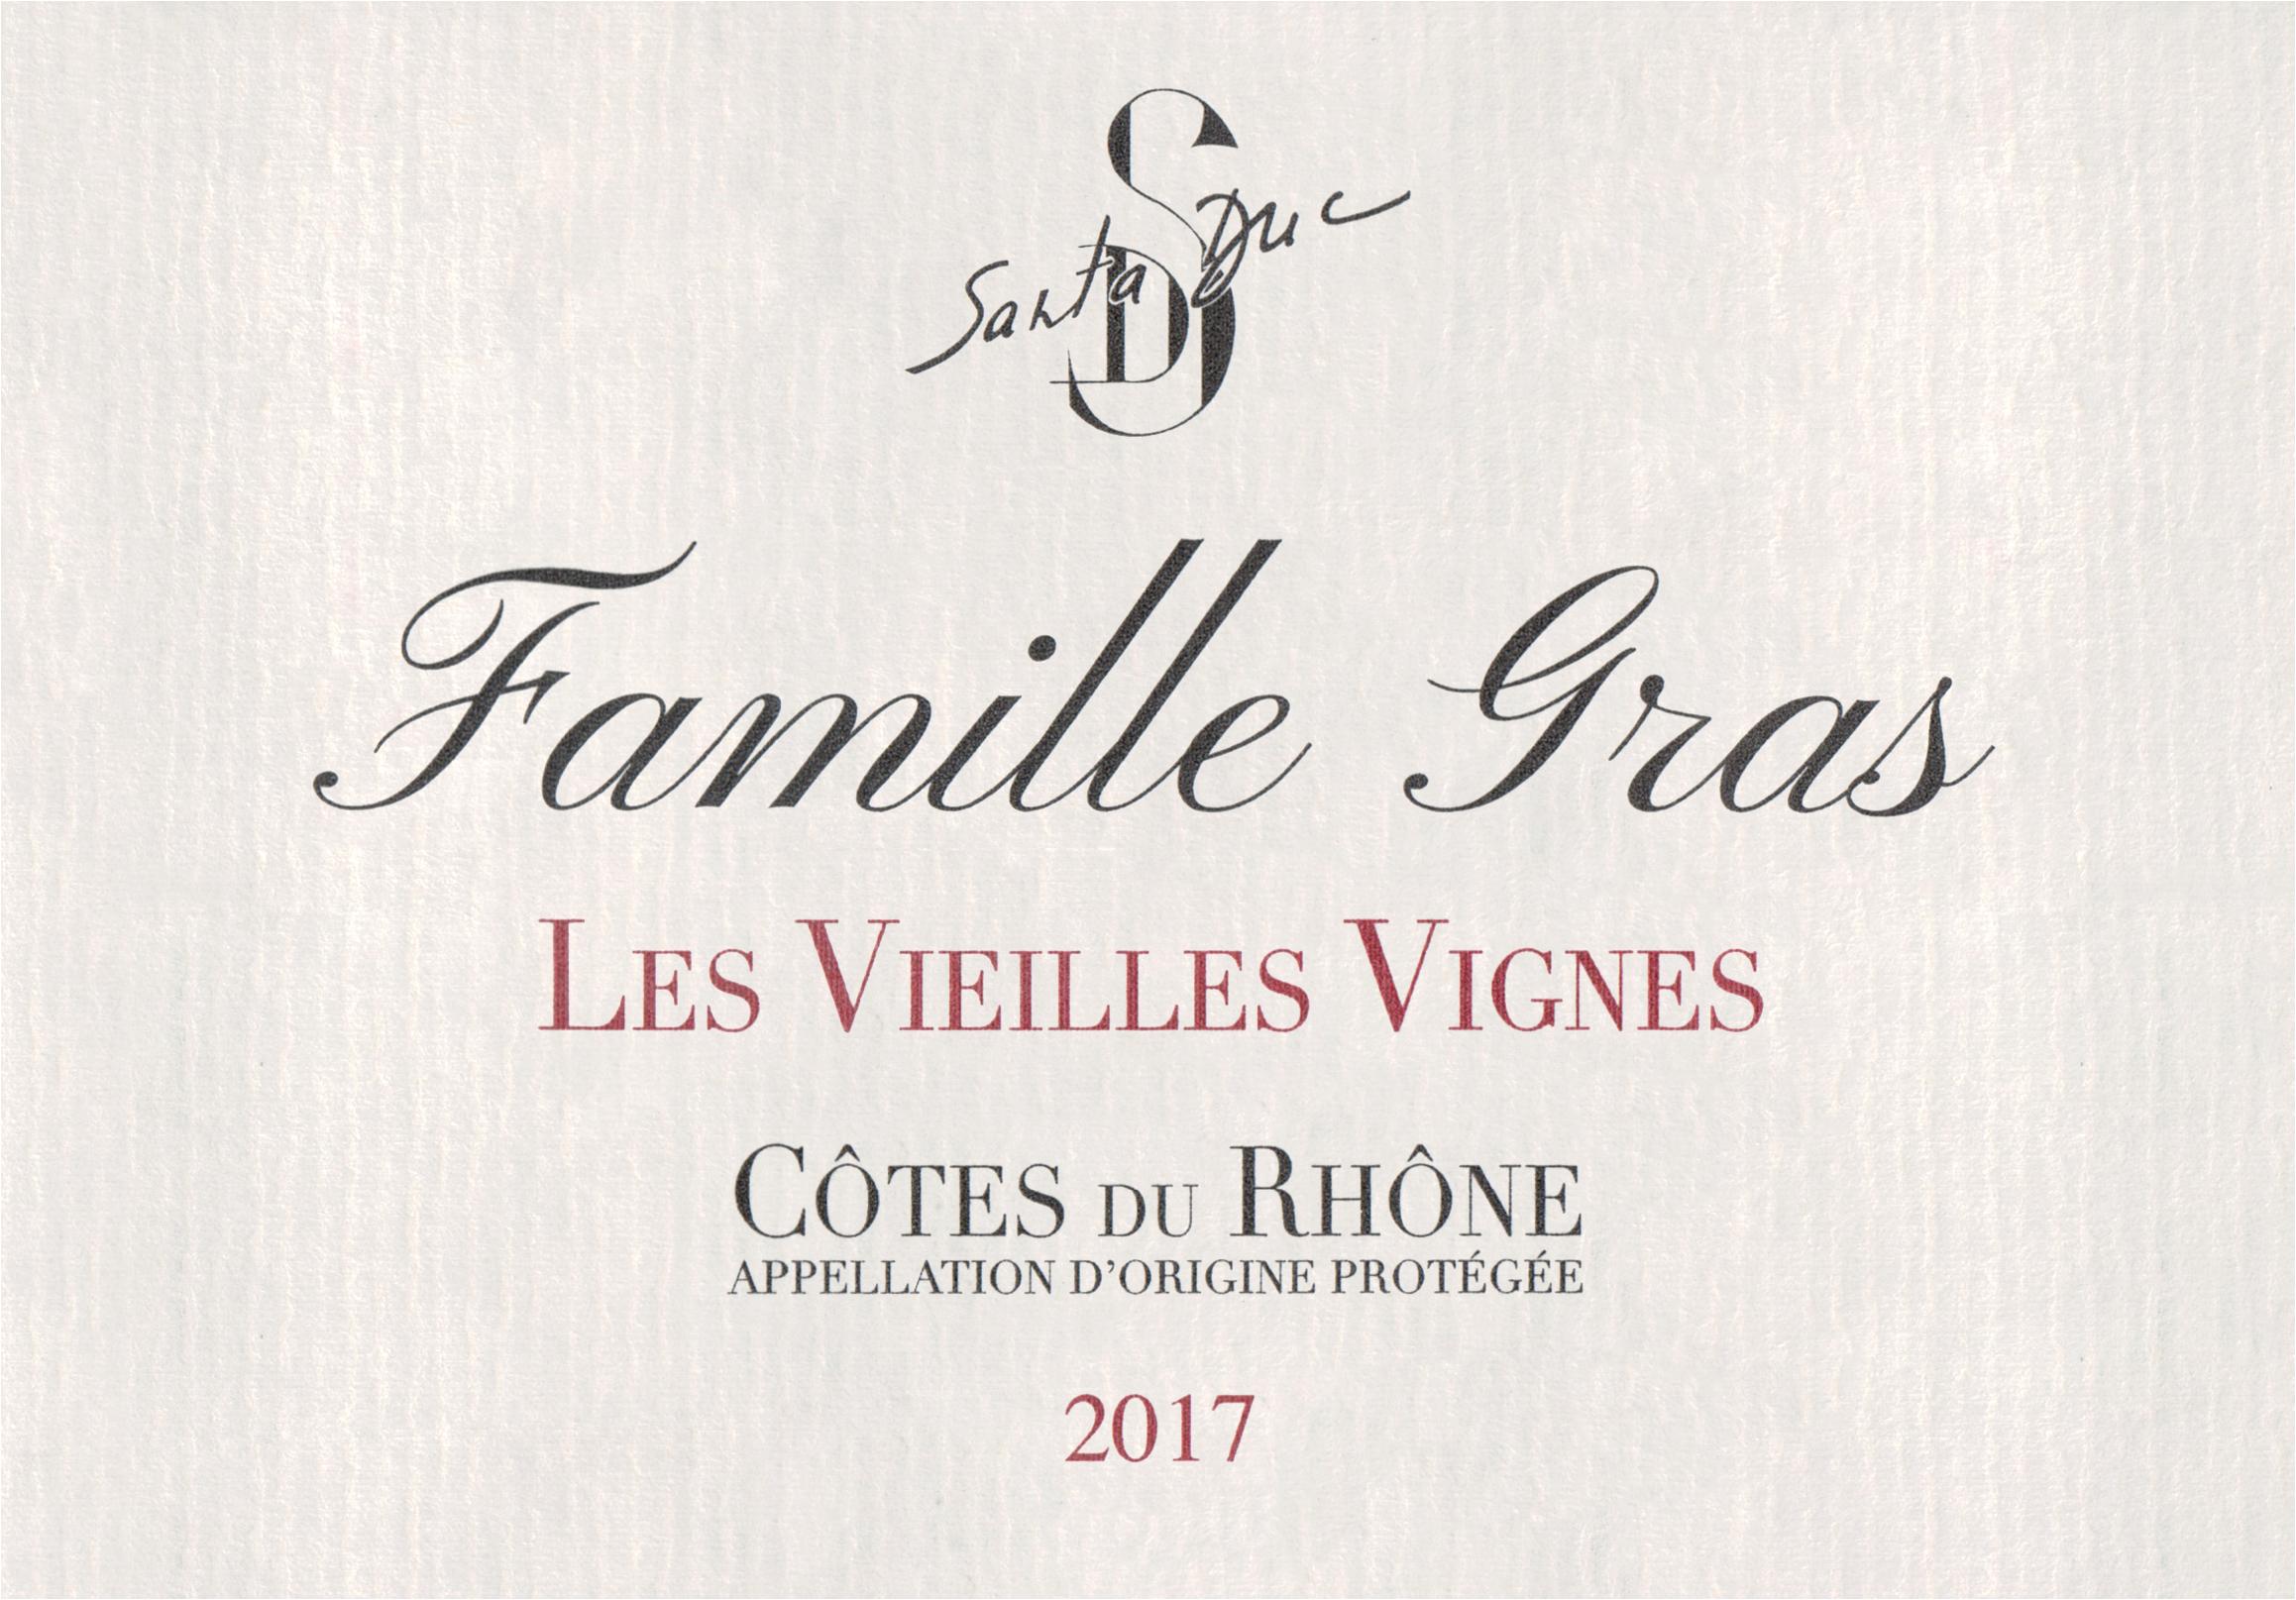 Santa Duc Cotes Du Rhone Vieilles Vignes 2017